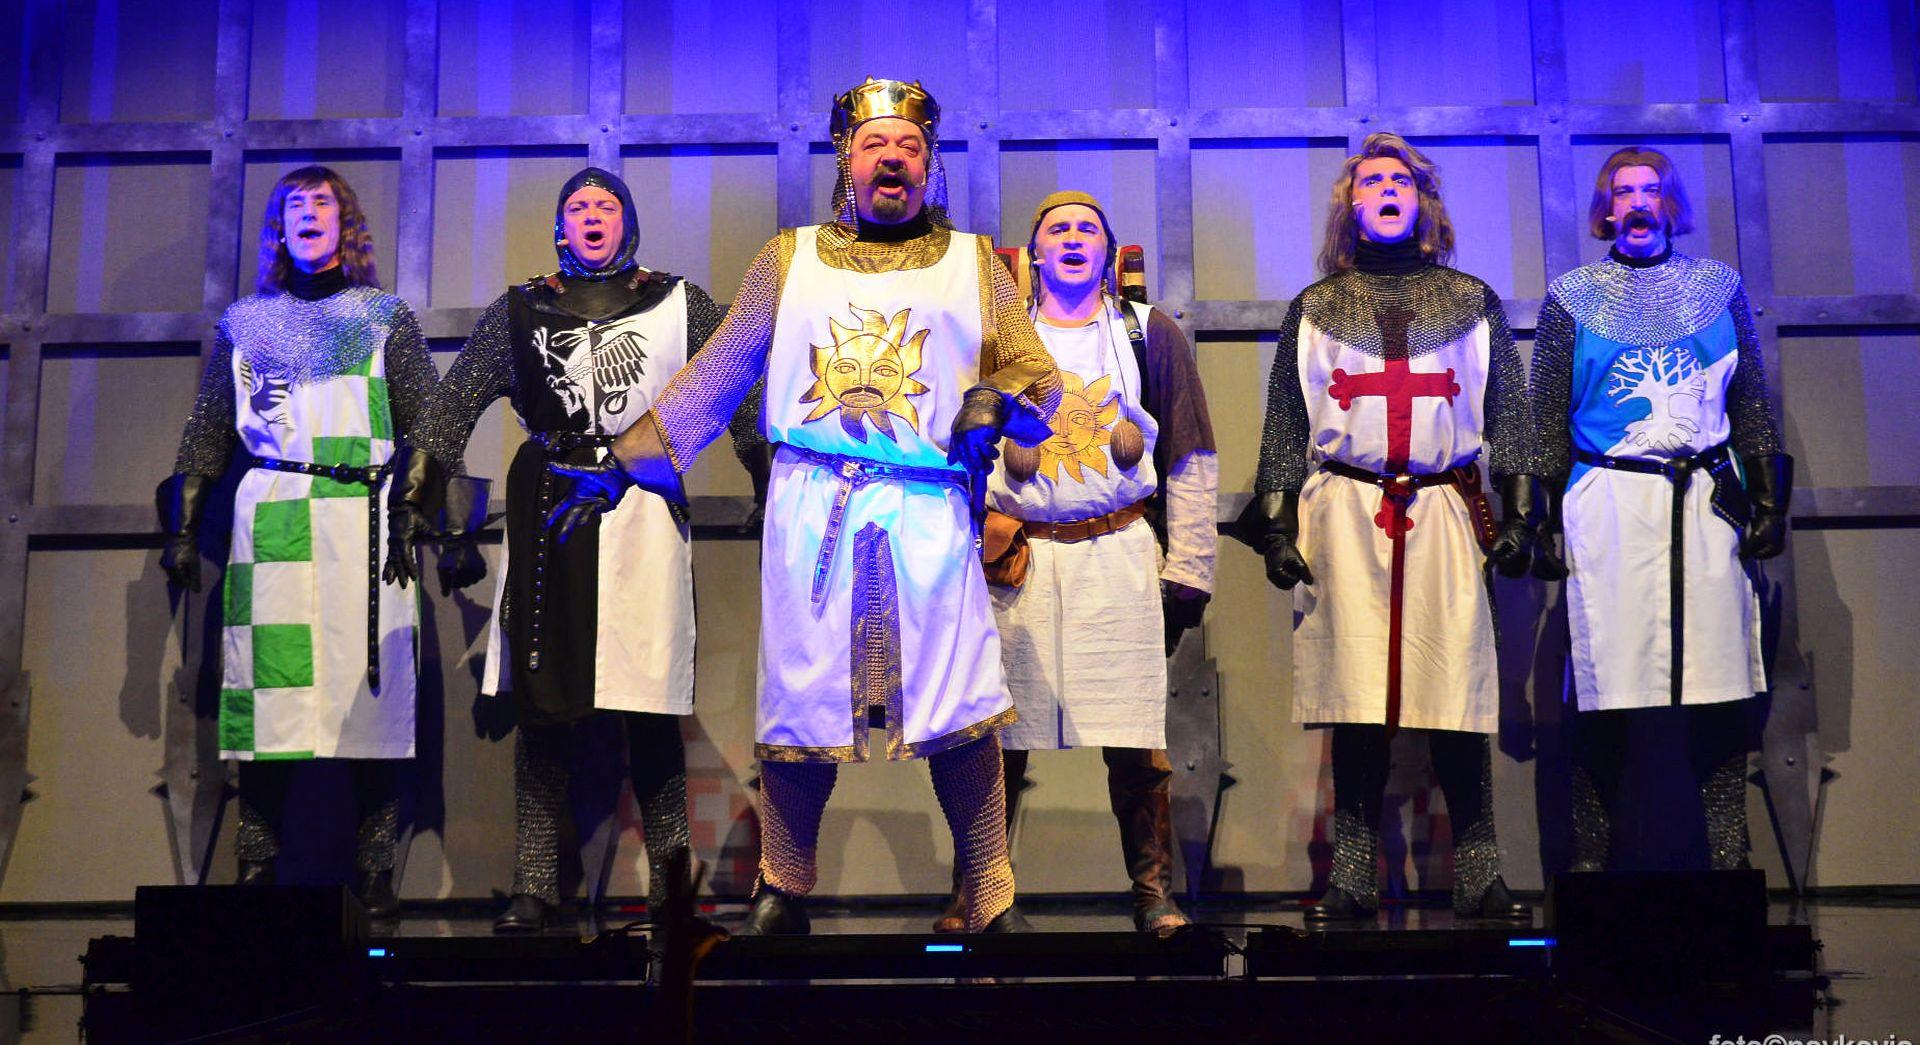 Komični pajtonovski mjuzikl 'Spamalot' na Ljetnoj pozornici u Opatiji